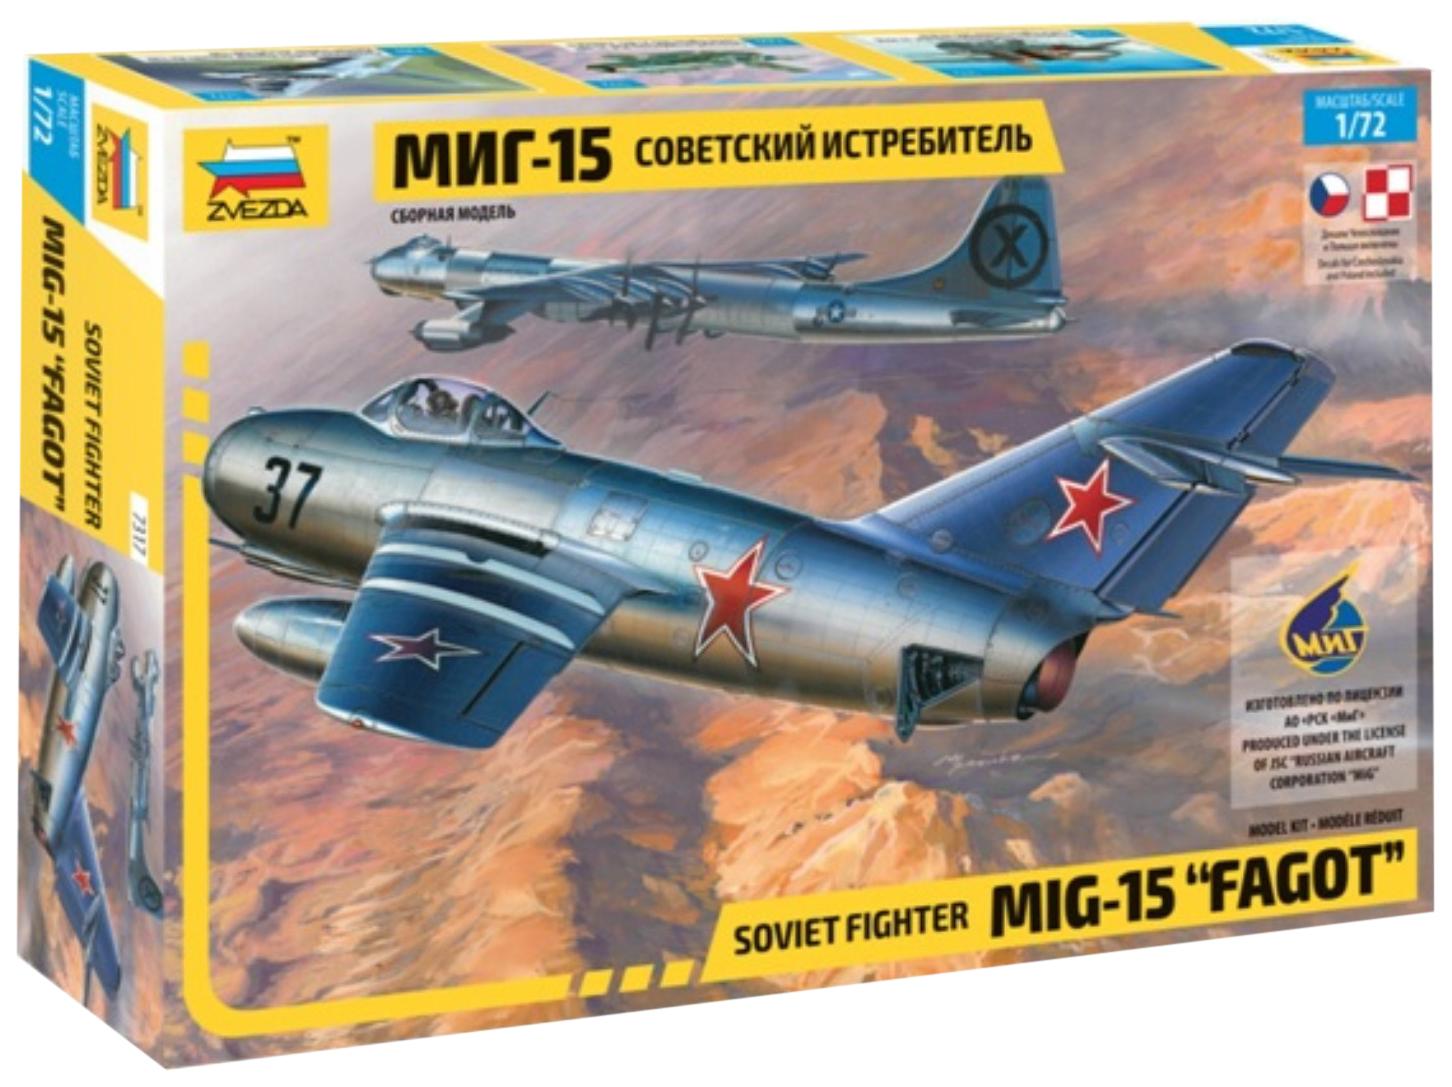 Купить Сборная модель Советский истребитель МиГ-15 Звезда, ZVEZDA, Модели для сборки